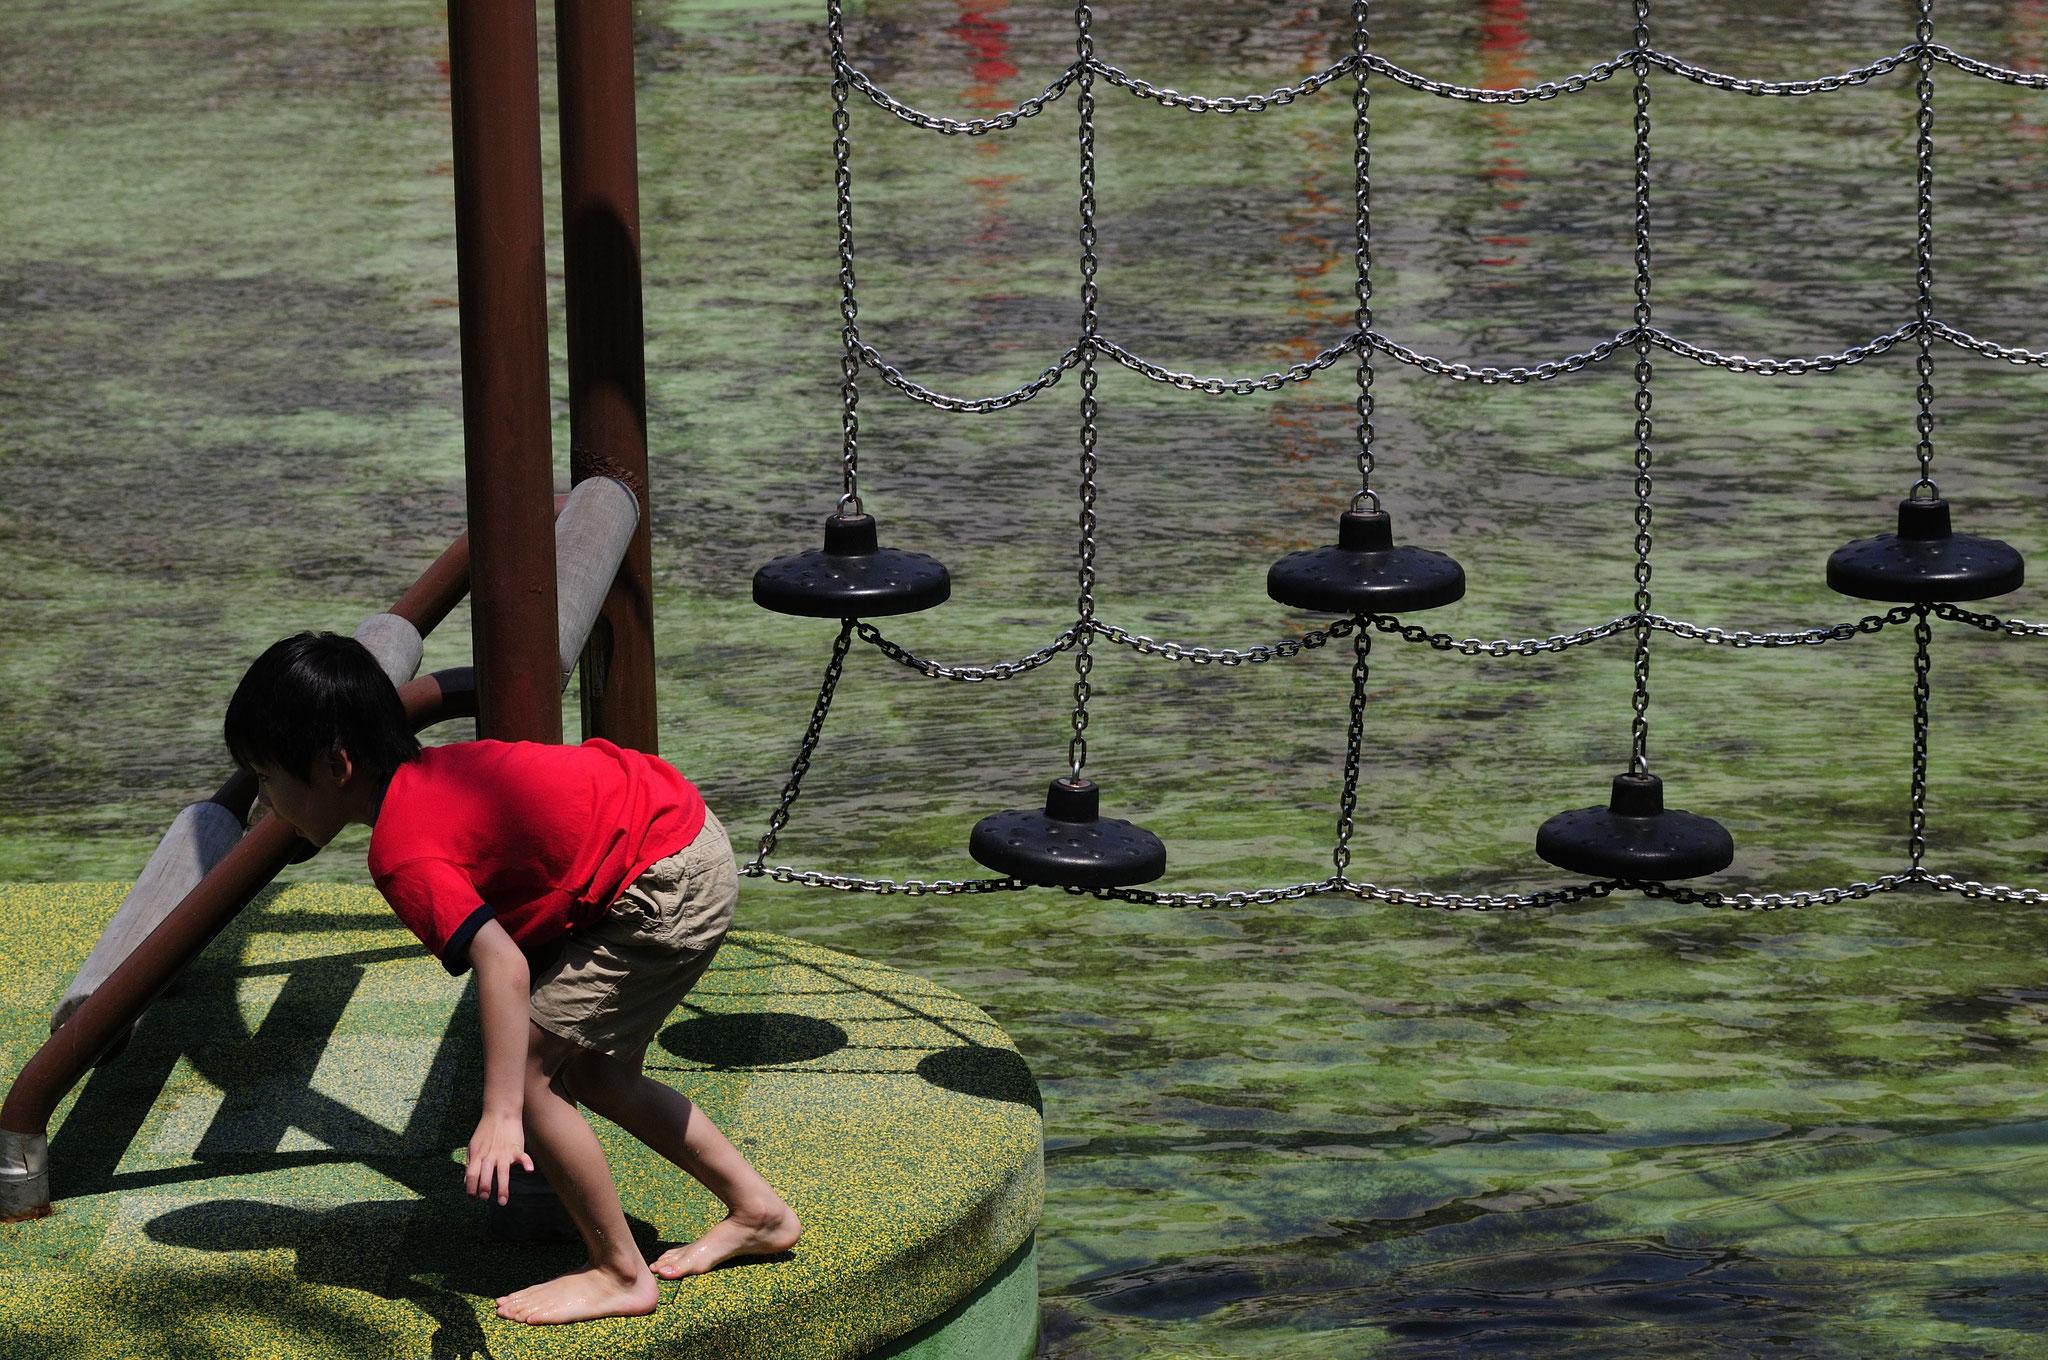 人気の水上アスレチック。横十間川親水公園